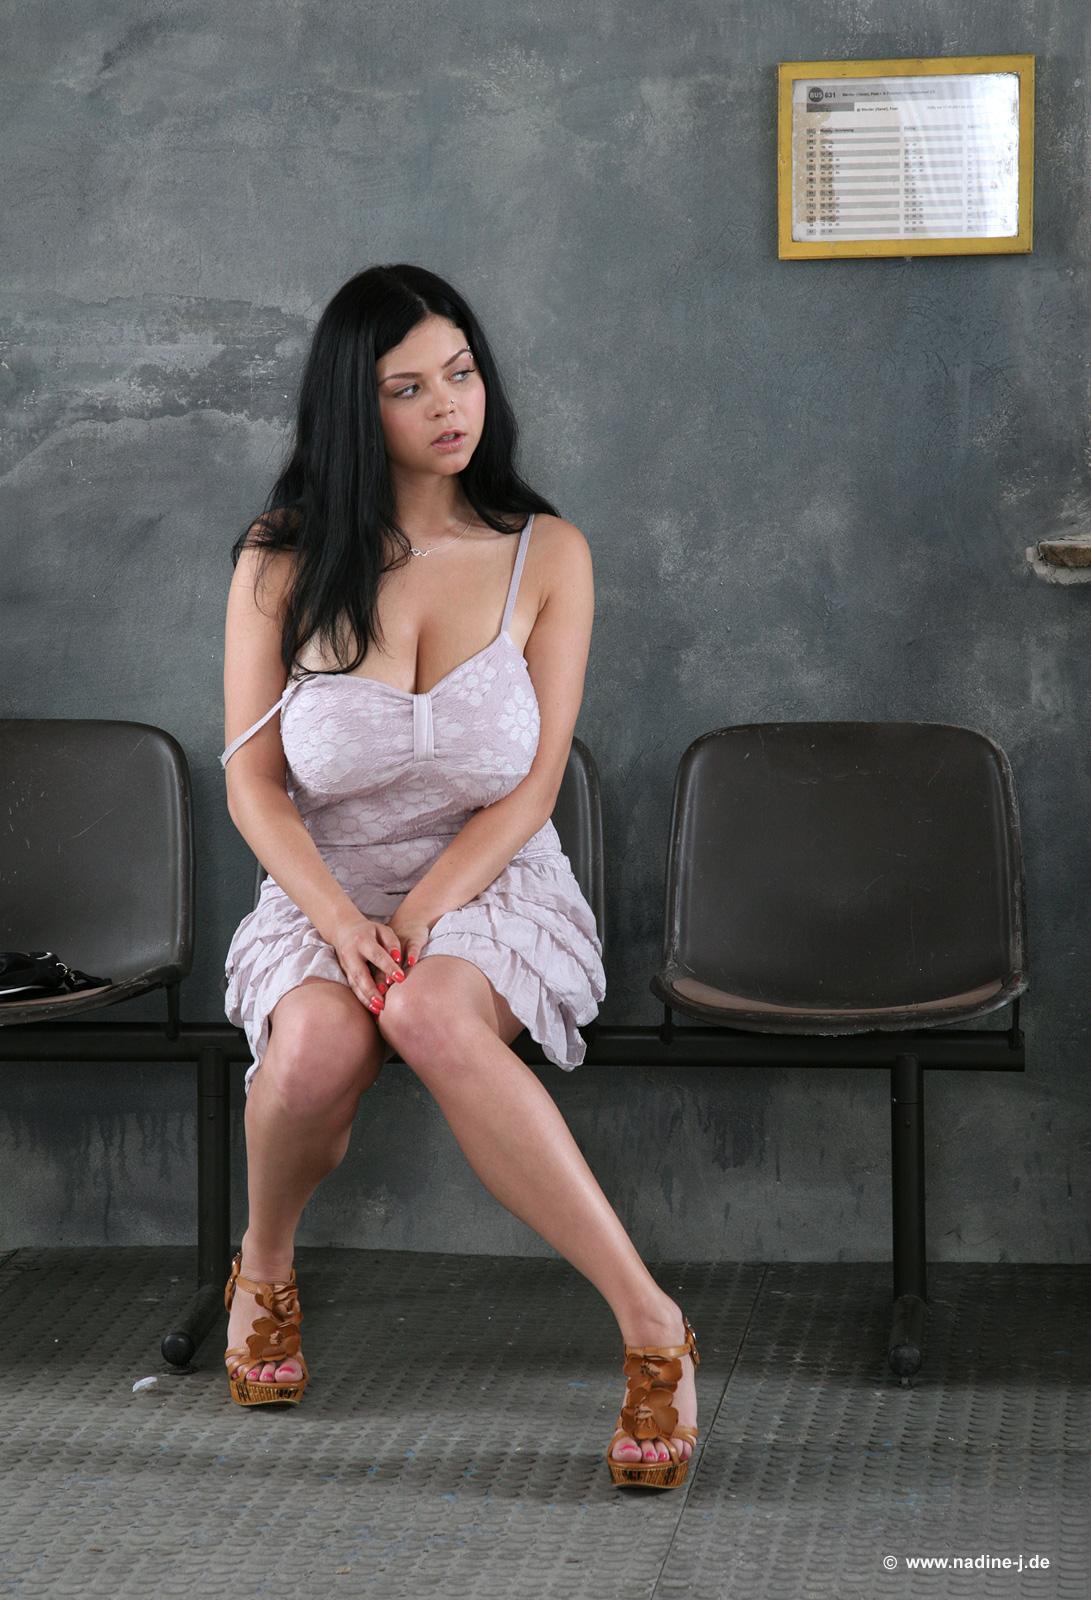 marie nadine j de nude sex porn images. Black Bedroom Furniture Sets. Home Design Ideas